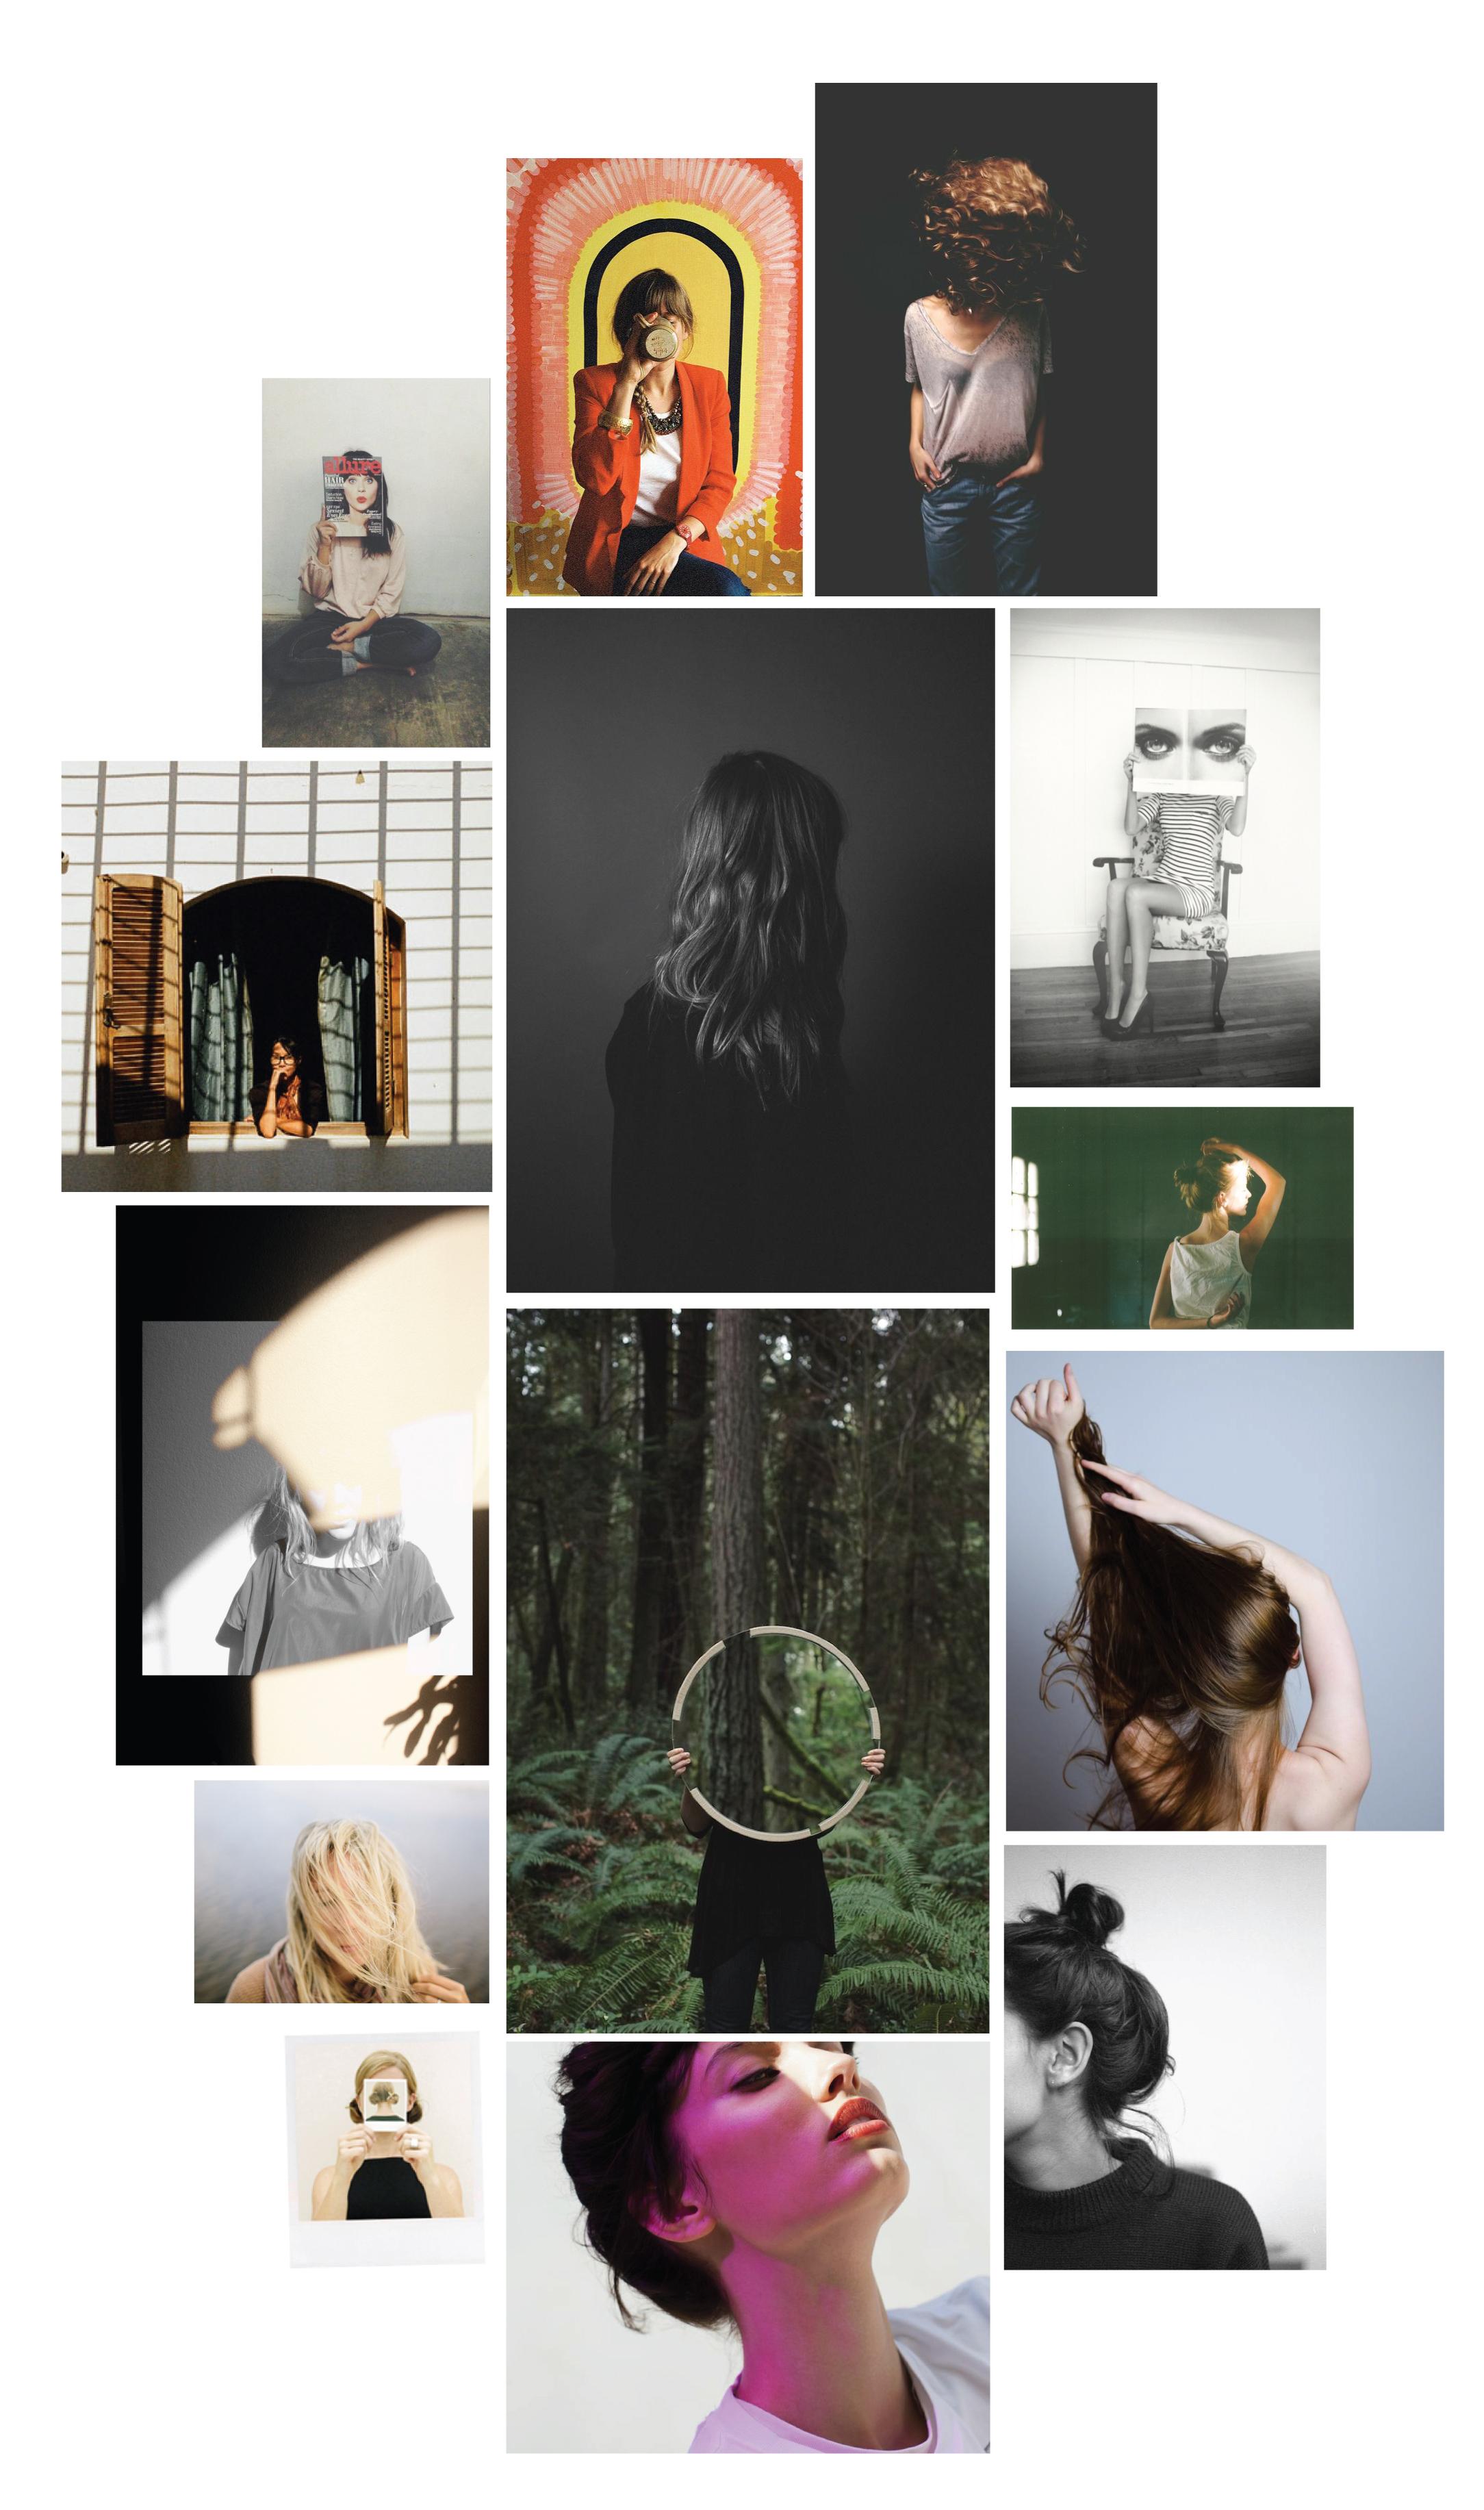 cretaive and artful Portrait Inspiration | www.alicia-carvalho.com/blog